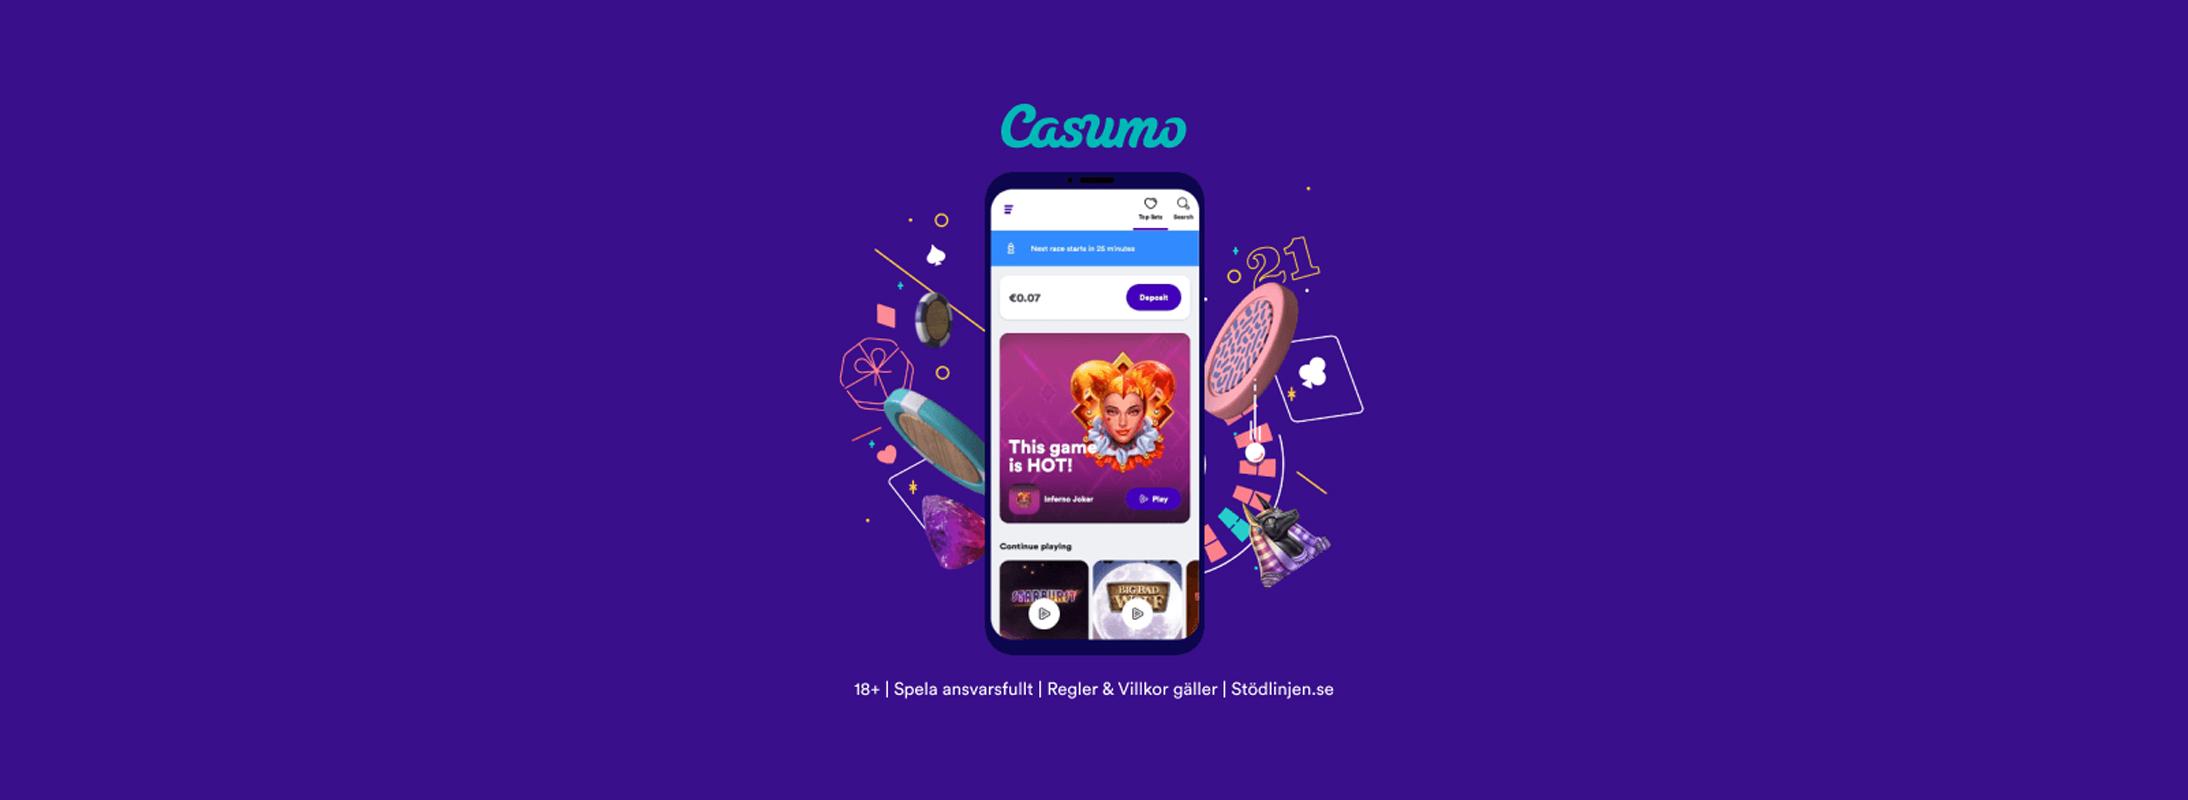 Casumo har uppdaterat sajten med en ny design - Sweden CasinoTop Banner